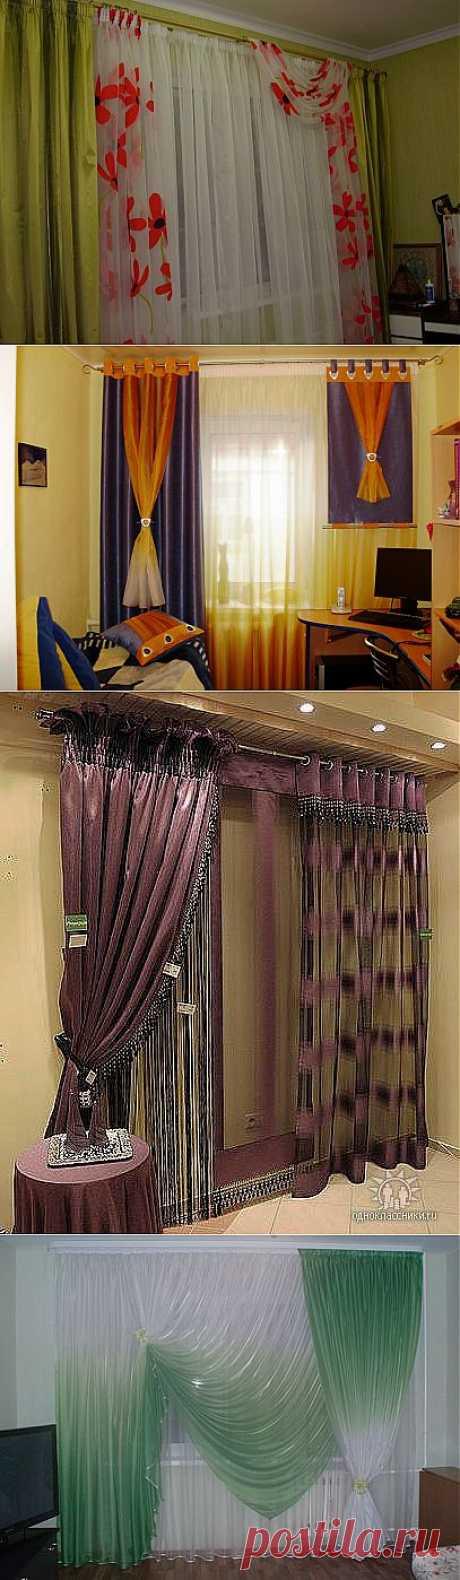 Las cortinas de la foto